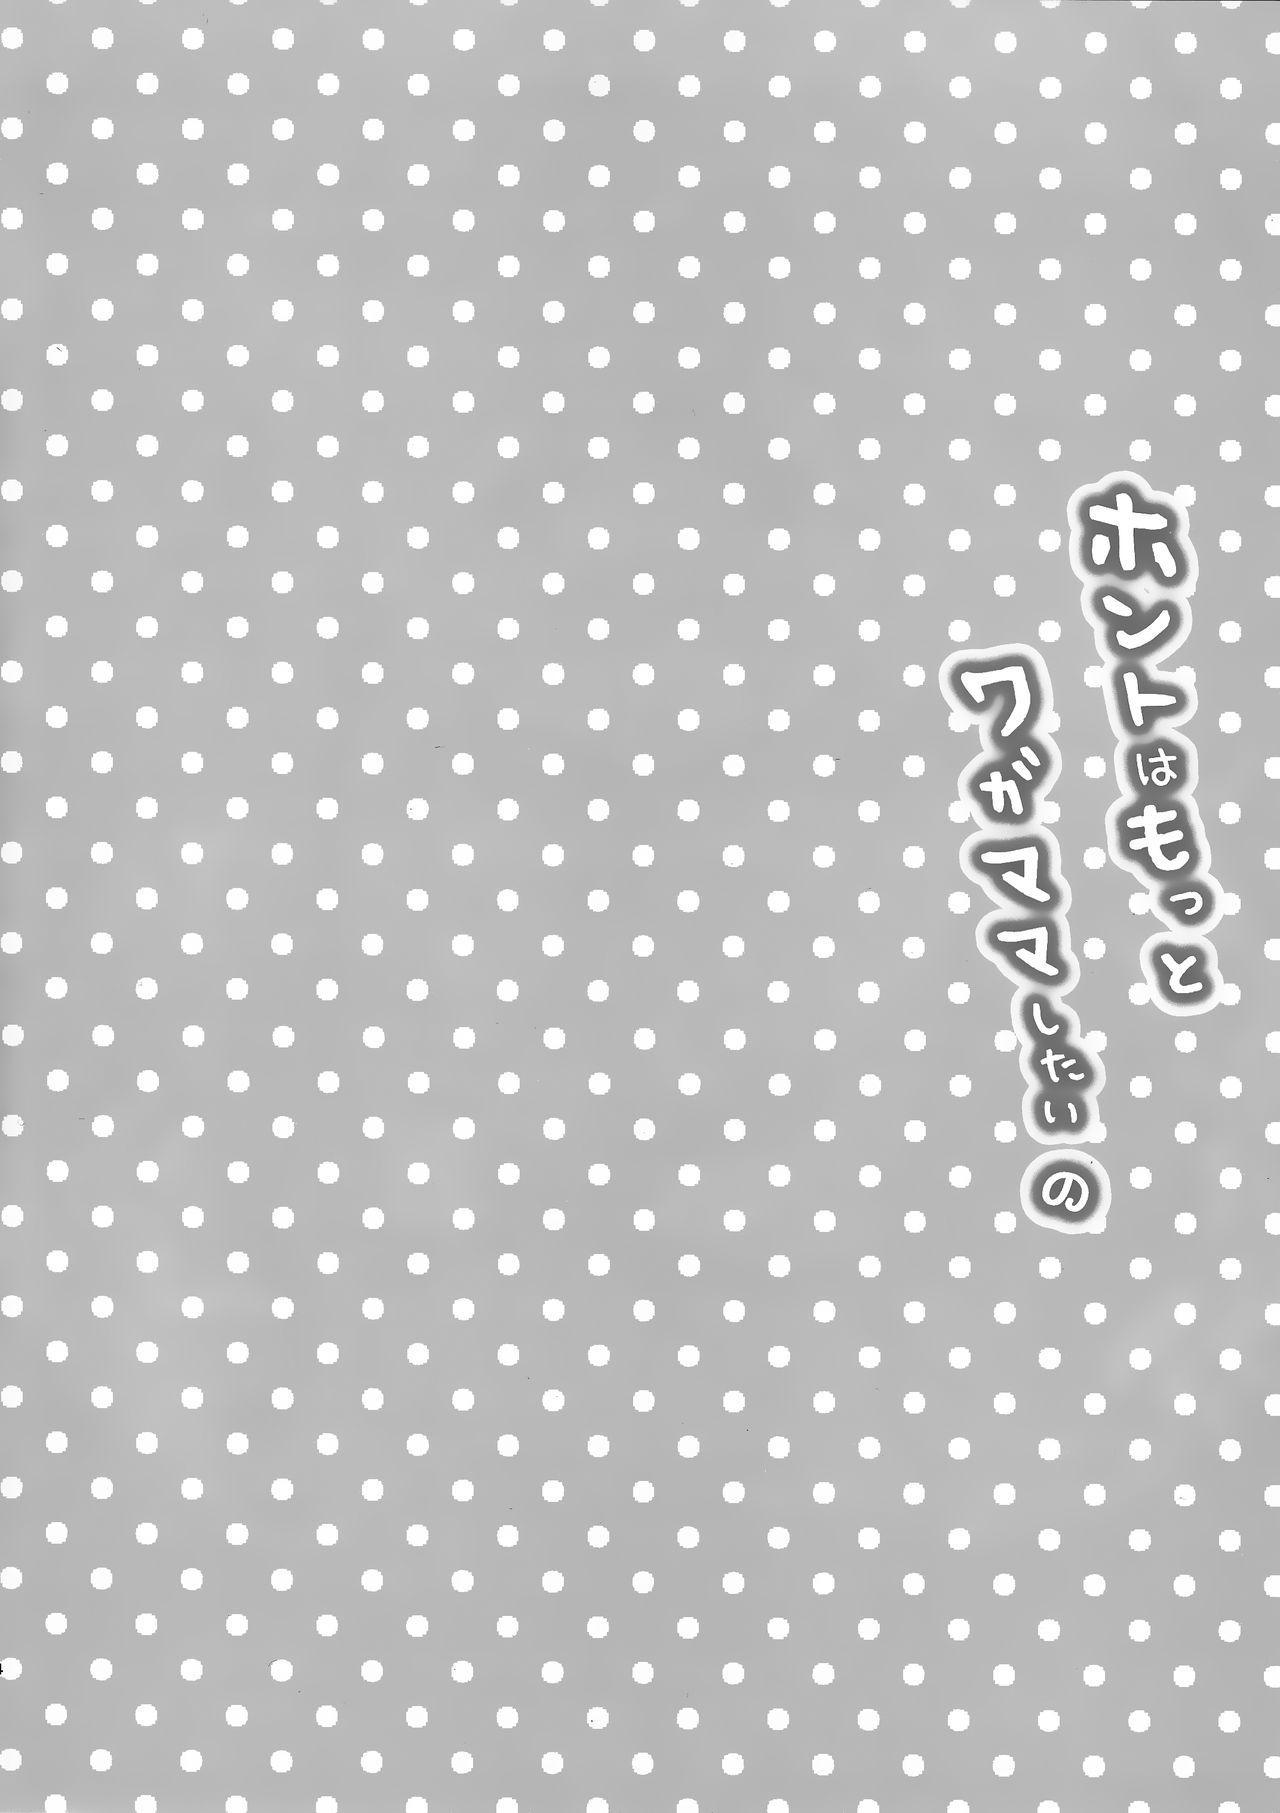 Honto wa Motto Wagamama Shitai no 3